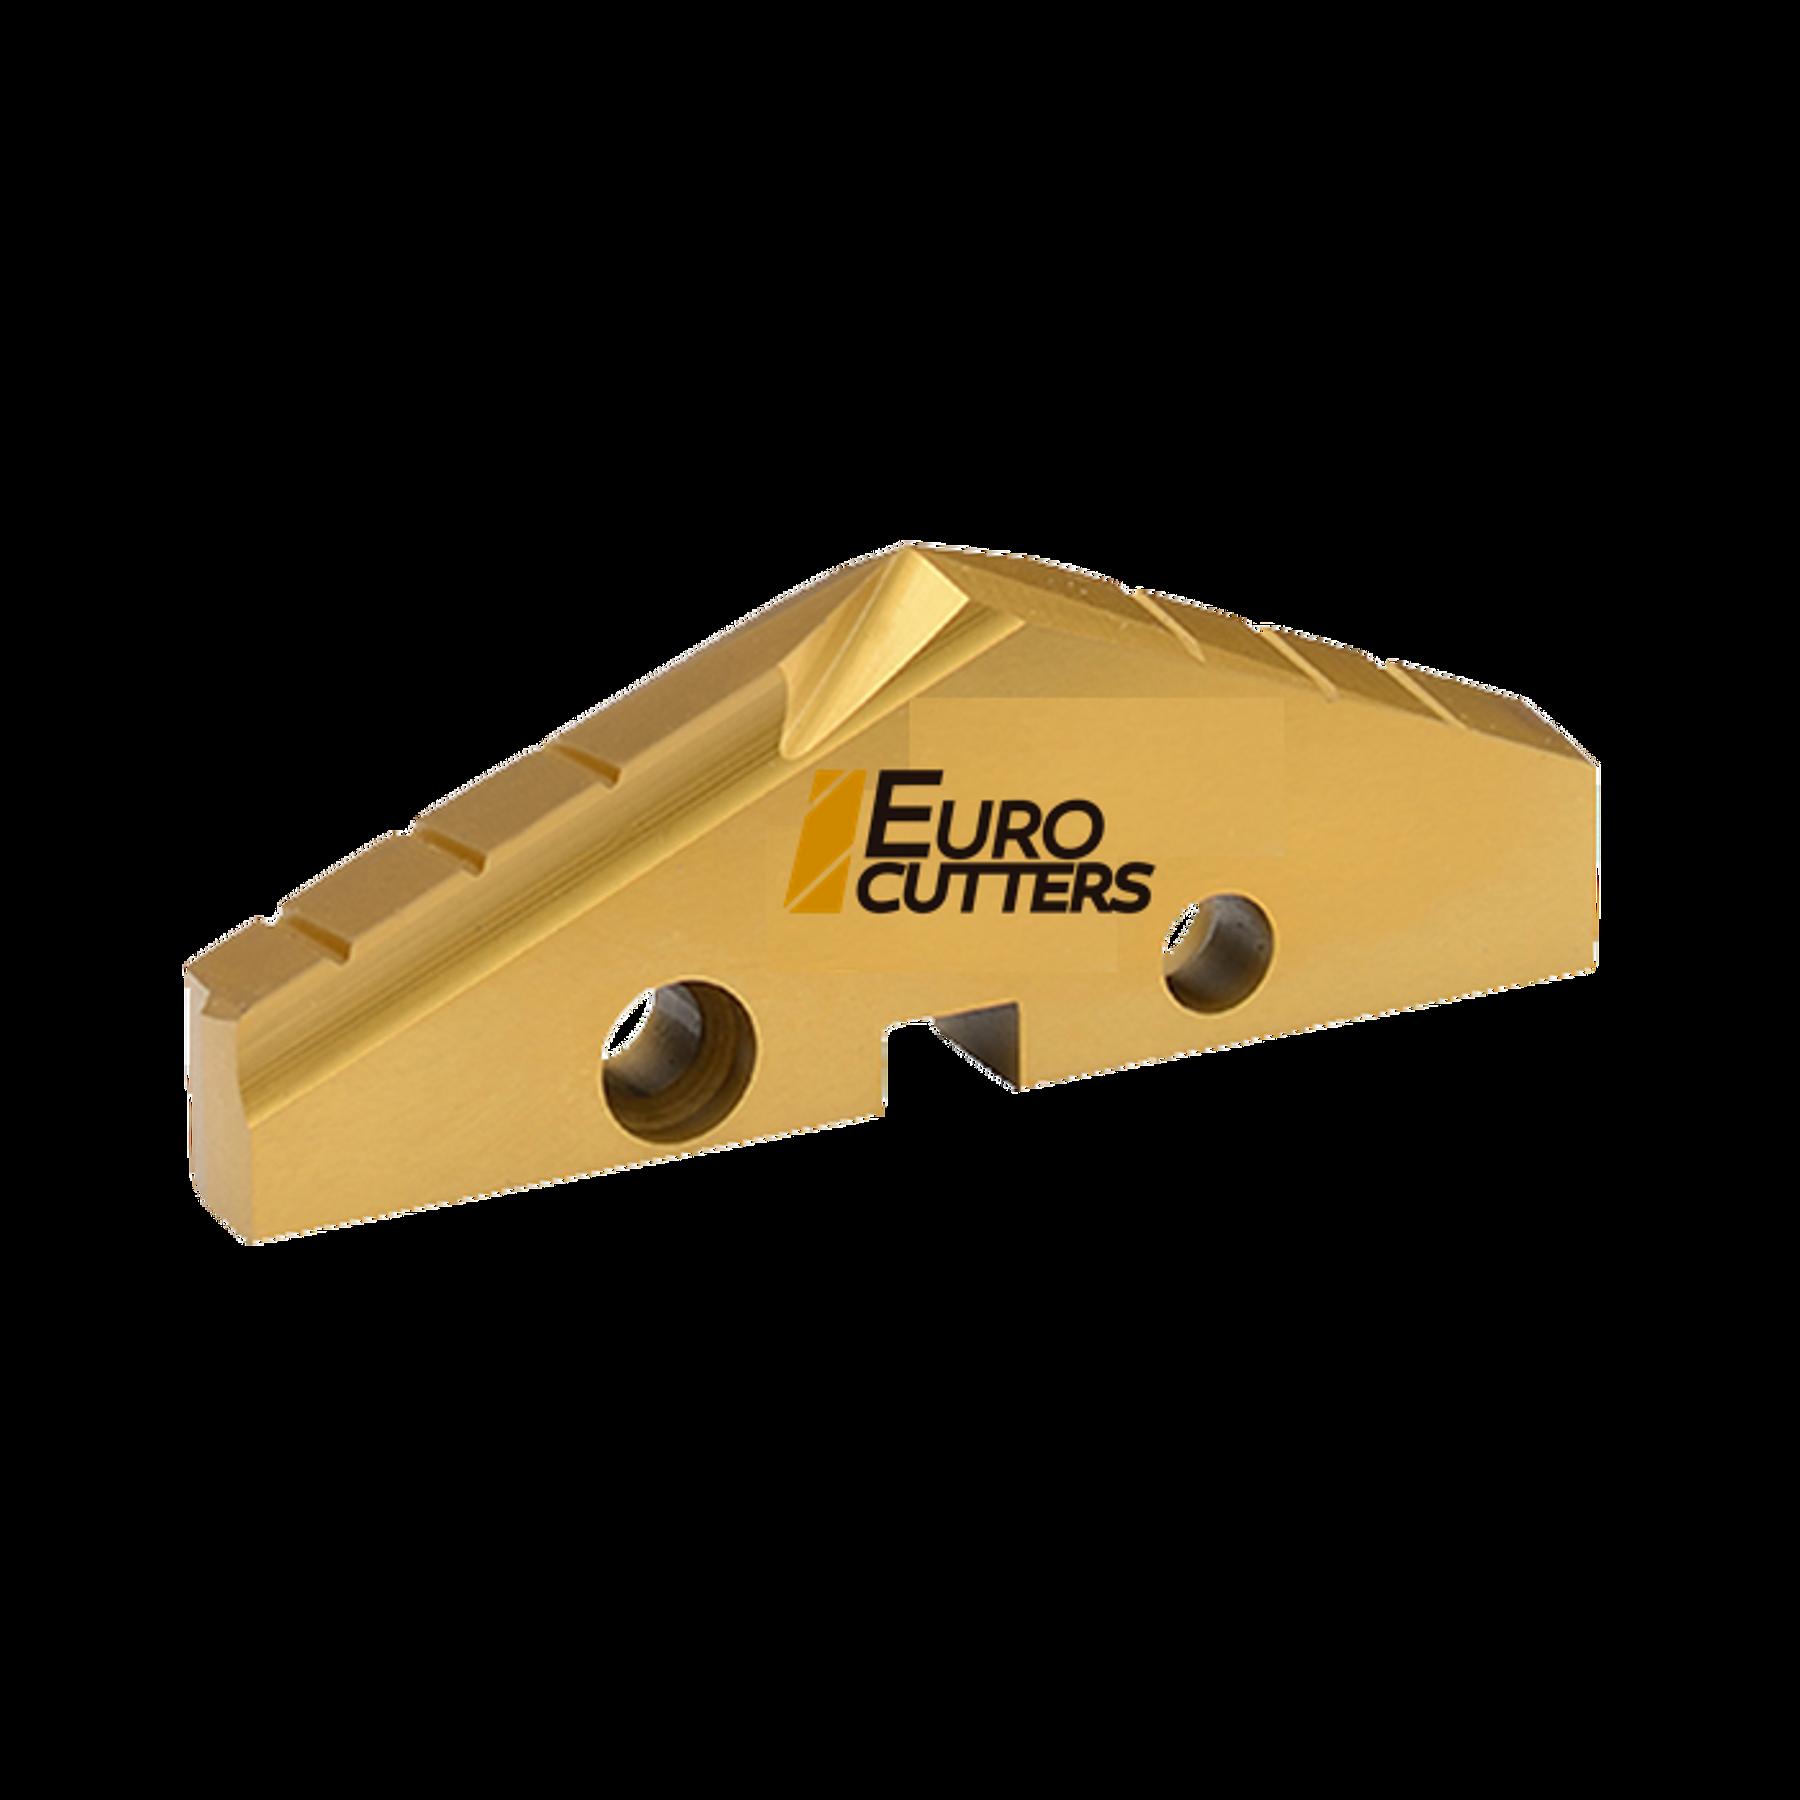 Inserto Eurocutter Hss Broca 28mm SP-0-M0280-25XH